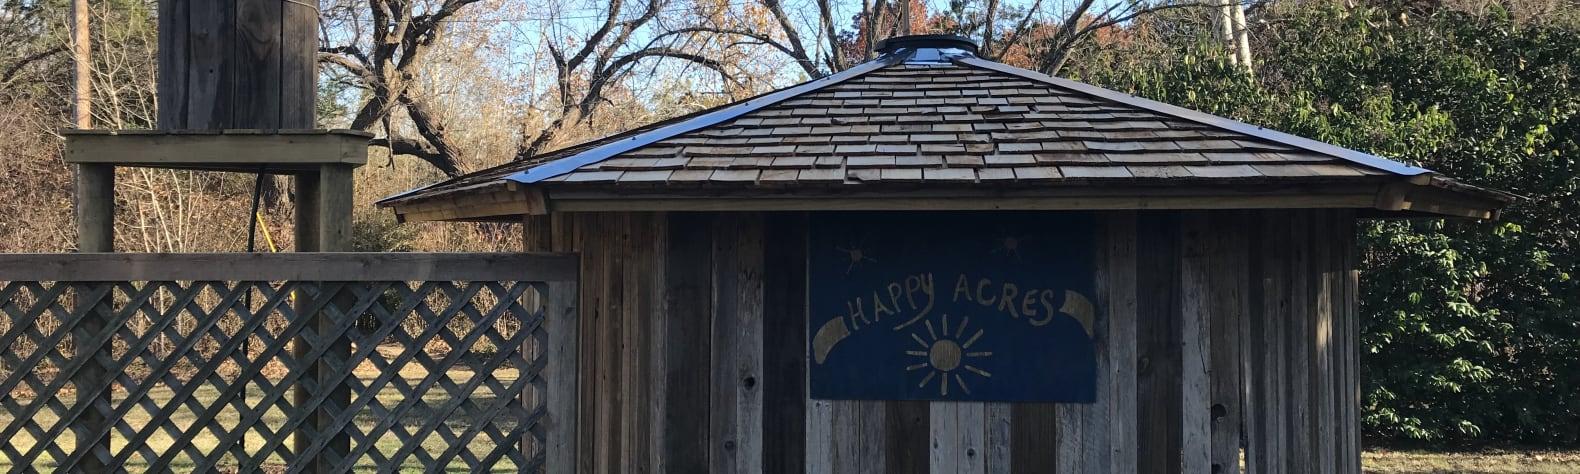 Happy Acres